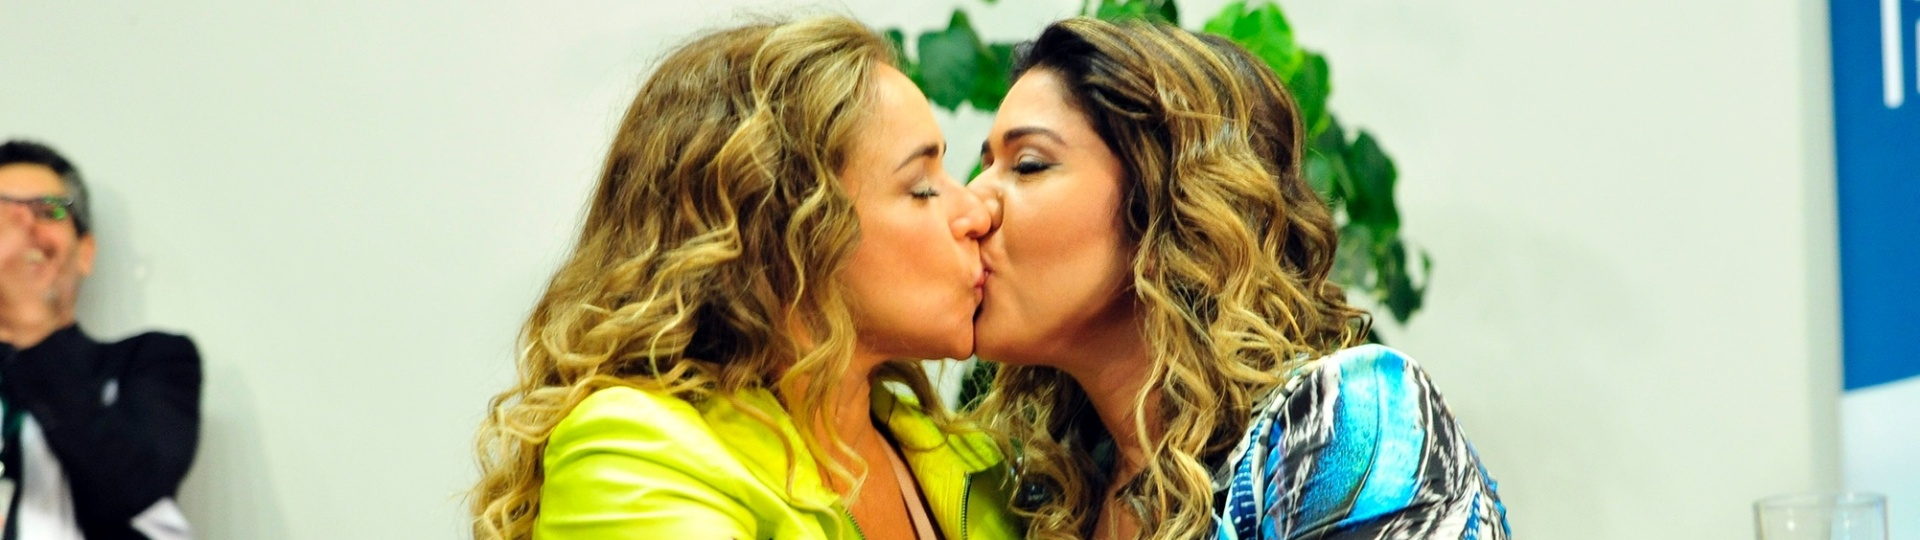 20.mai.2015 - A cantora Daniela Merucyr (à esquerda) beija sua mulher, Malu Verçosa, durante o 12º Seminário LGBT do Congresso, em Brasília (DF). As comissões de Legislação Participativa (CLP), de Cultura (CCULT) e de Ciência e Tecnologia, Comunicação e Informática (CCTCI) participam do seminário, que tem como tema Nossa Vida d@s outr@s Empatia, a verdadeira revolução